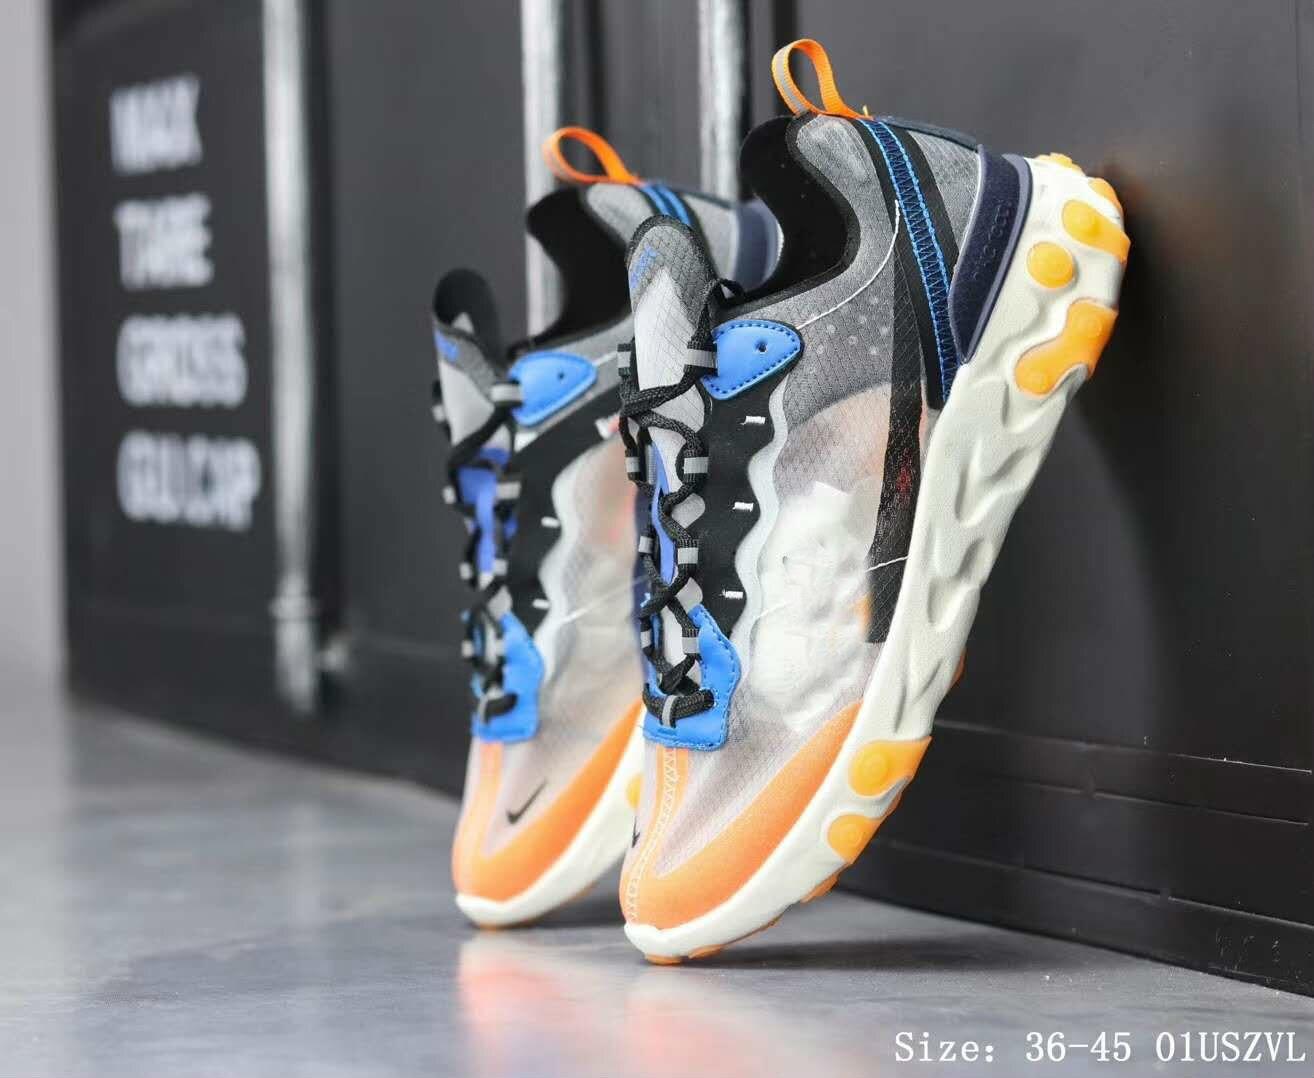 Air 270 hommes chaussures baskets femmes baskets de course 2019 sport baskets hommes Vapormax Tn Plus 2 Max chaussures réagir élément 87